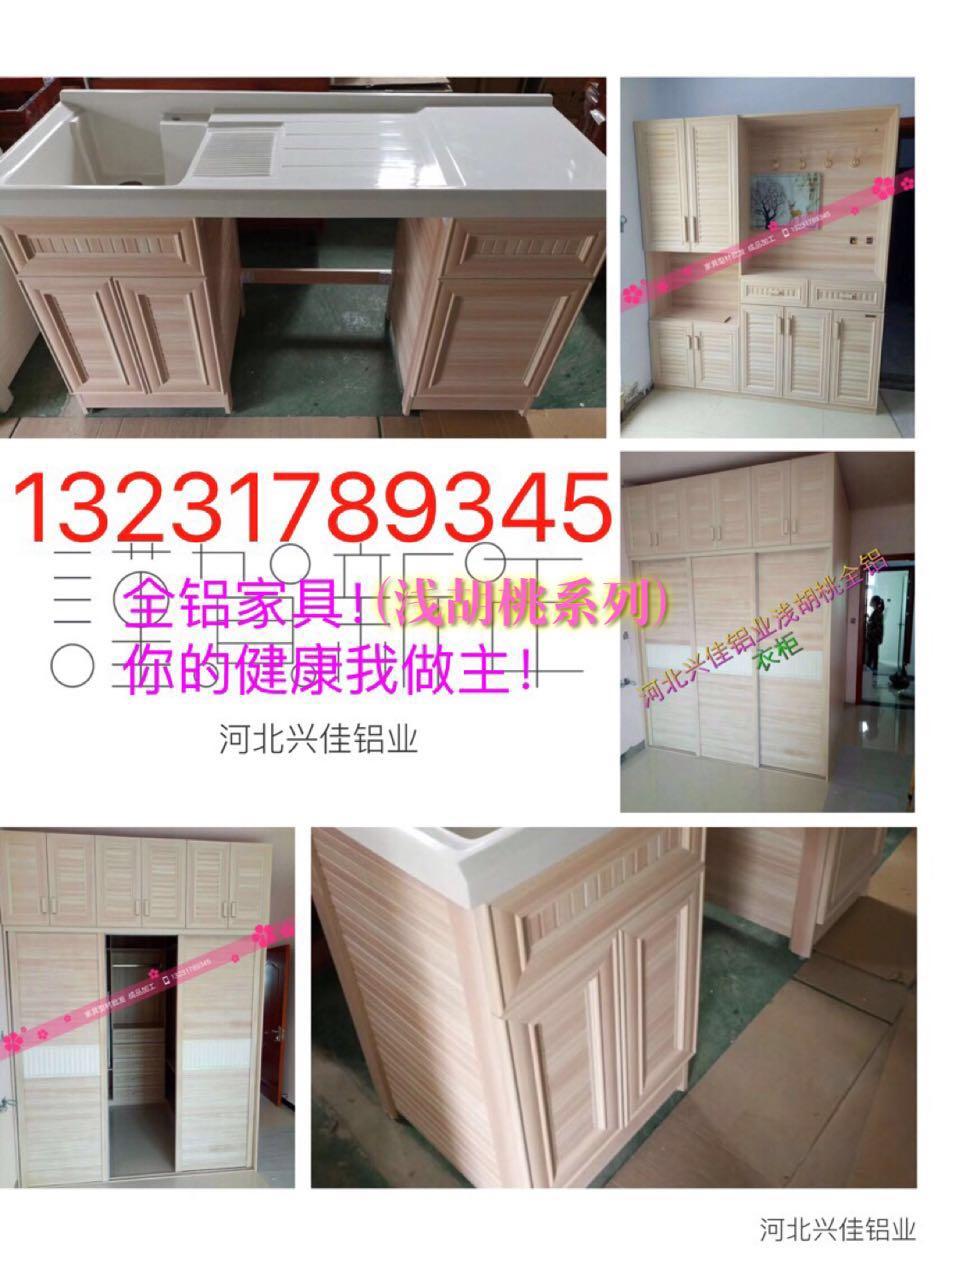 特别是板式家具都是需要靠三合一的接件来组装起来的,需要众多排孔位